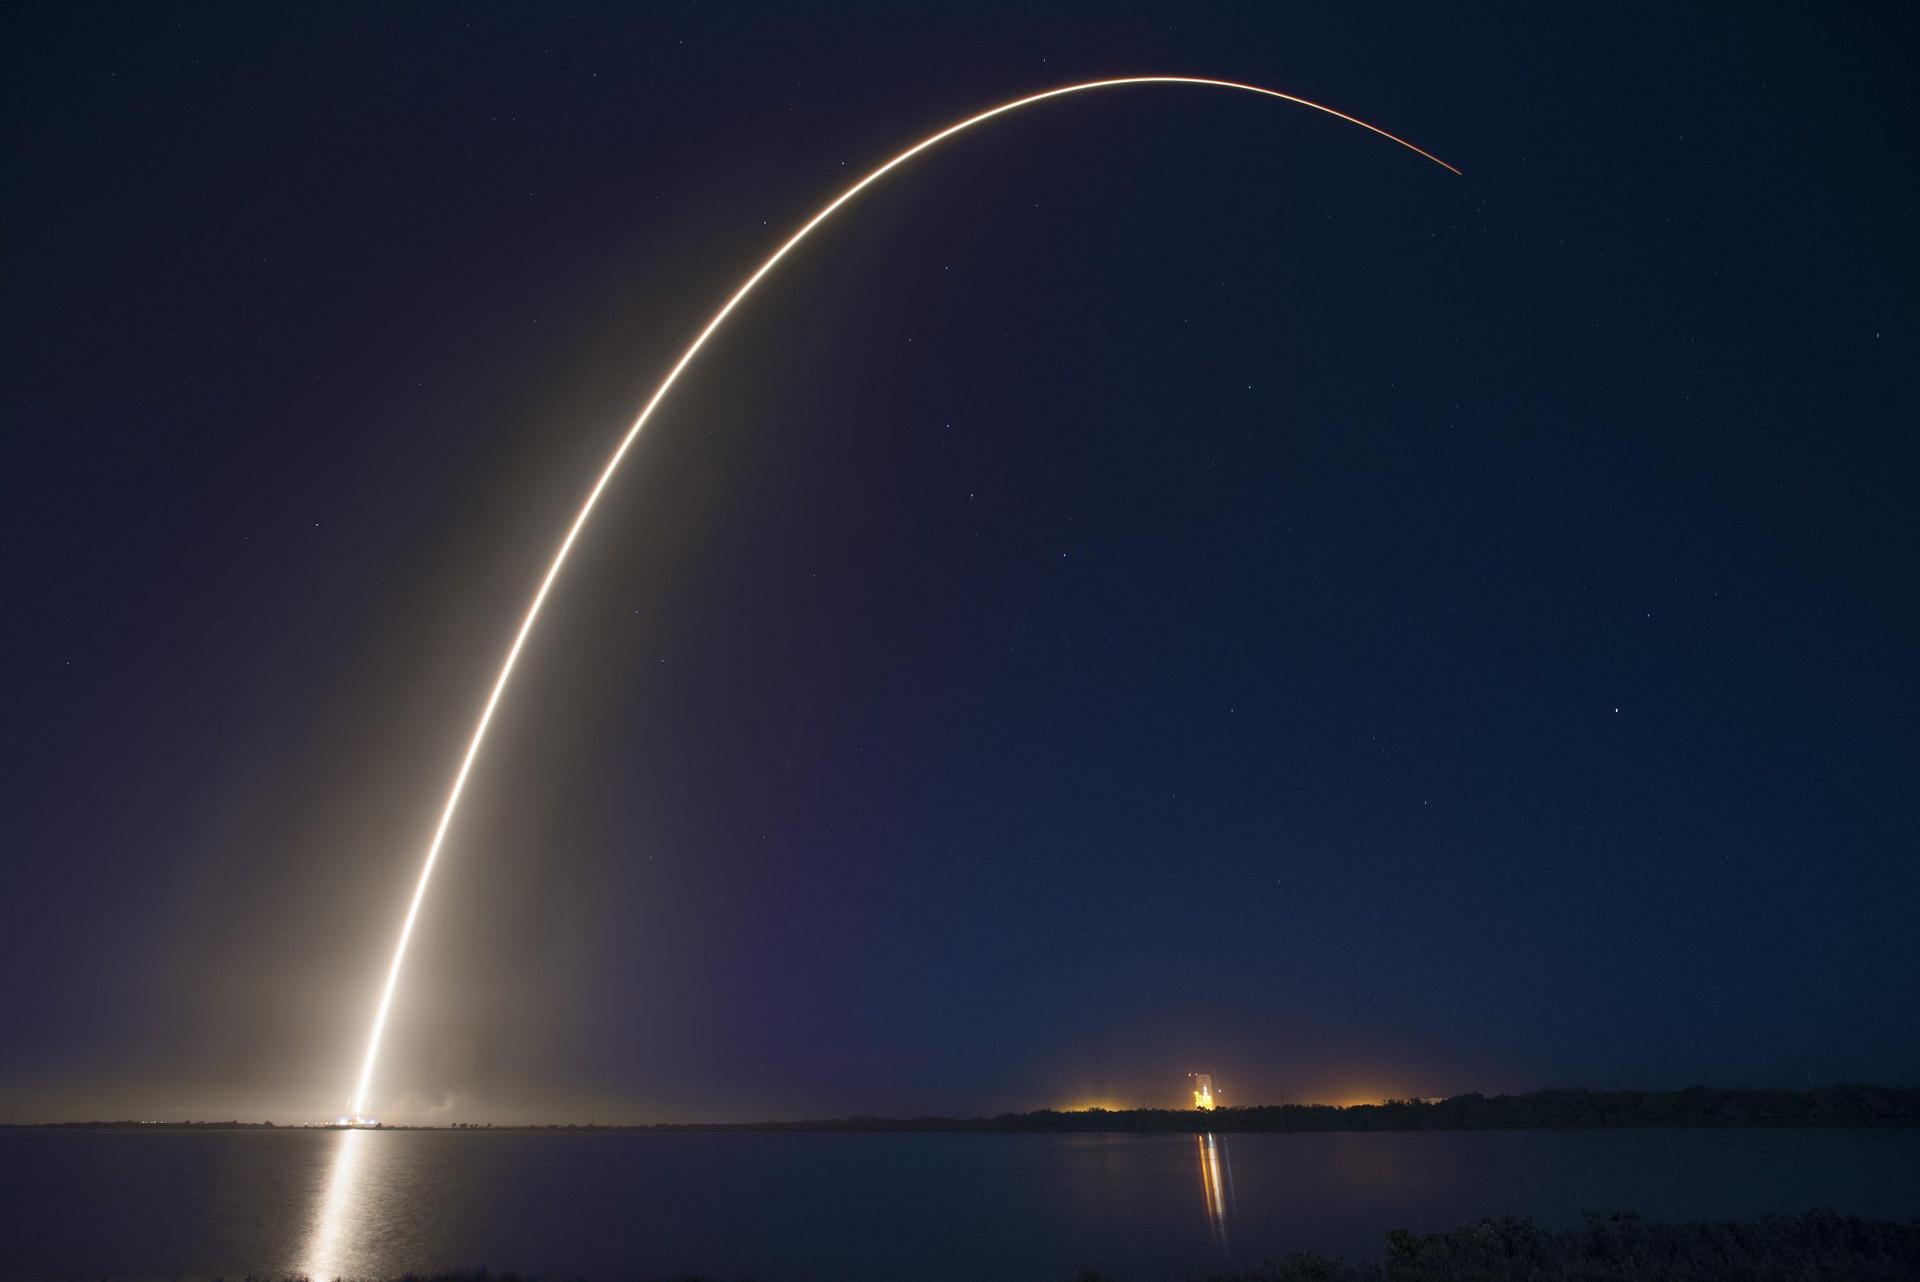 SpaceX - Lancement mars 2015 - Cap Canaveral - Satellites électriques - ABS-3A - Eutelsat 115 West B - Falcon 9 v1.1